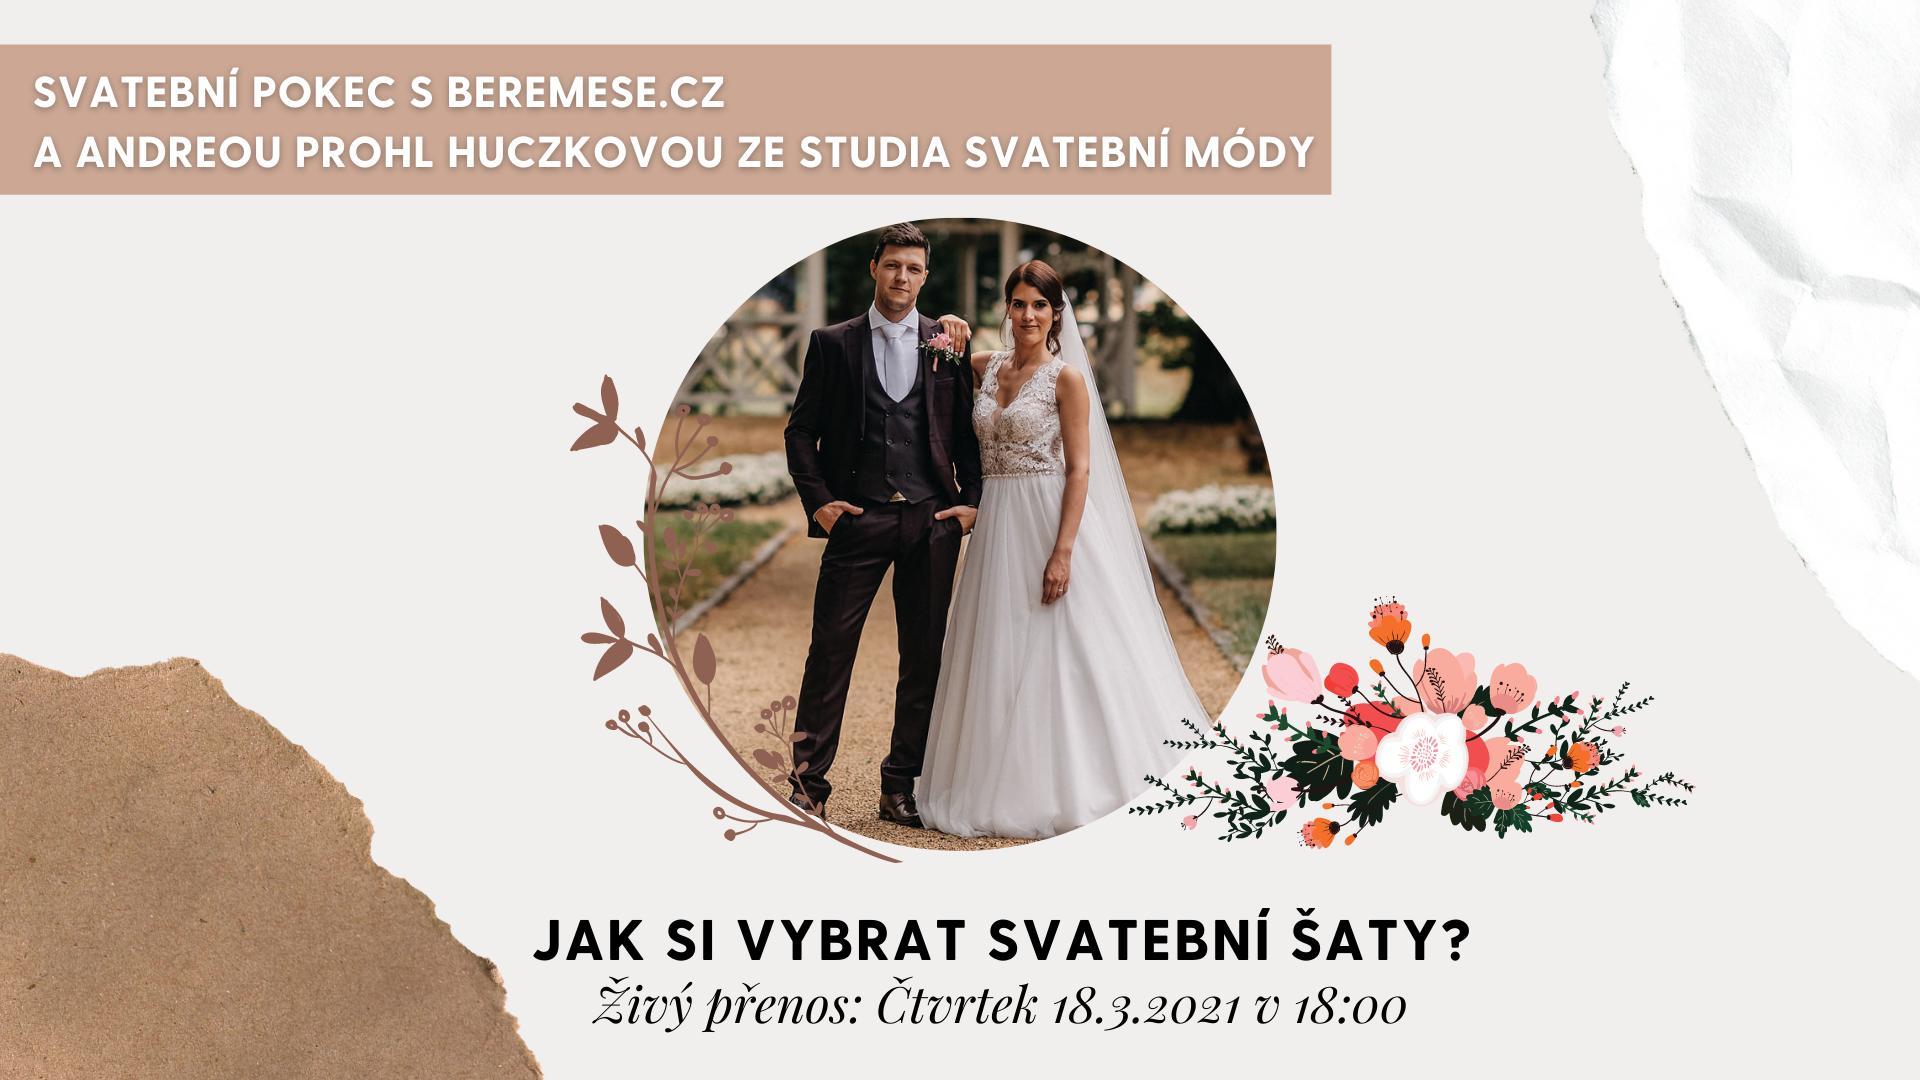 LIVE STREAM DNES, 18.3.2021 v 18:00 na našem Facebooku!😎 A kdo bude našim dalším hostem?🤔 Andrea Prohl Huczková ze @studiosvatebnimody❤️ Pokud si přejete zjistit víc o tom jak vybrat svatební šaty, nebo vás zajímají i další otázky ohledně výběru a trendů, podívejte se na náš živý přenos DNES (18.3.2021) v 18:00 zde: https://fb.me/e/21lzqgVHP ❤️ - Obrázek č. 1